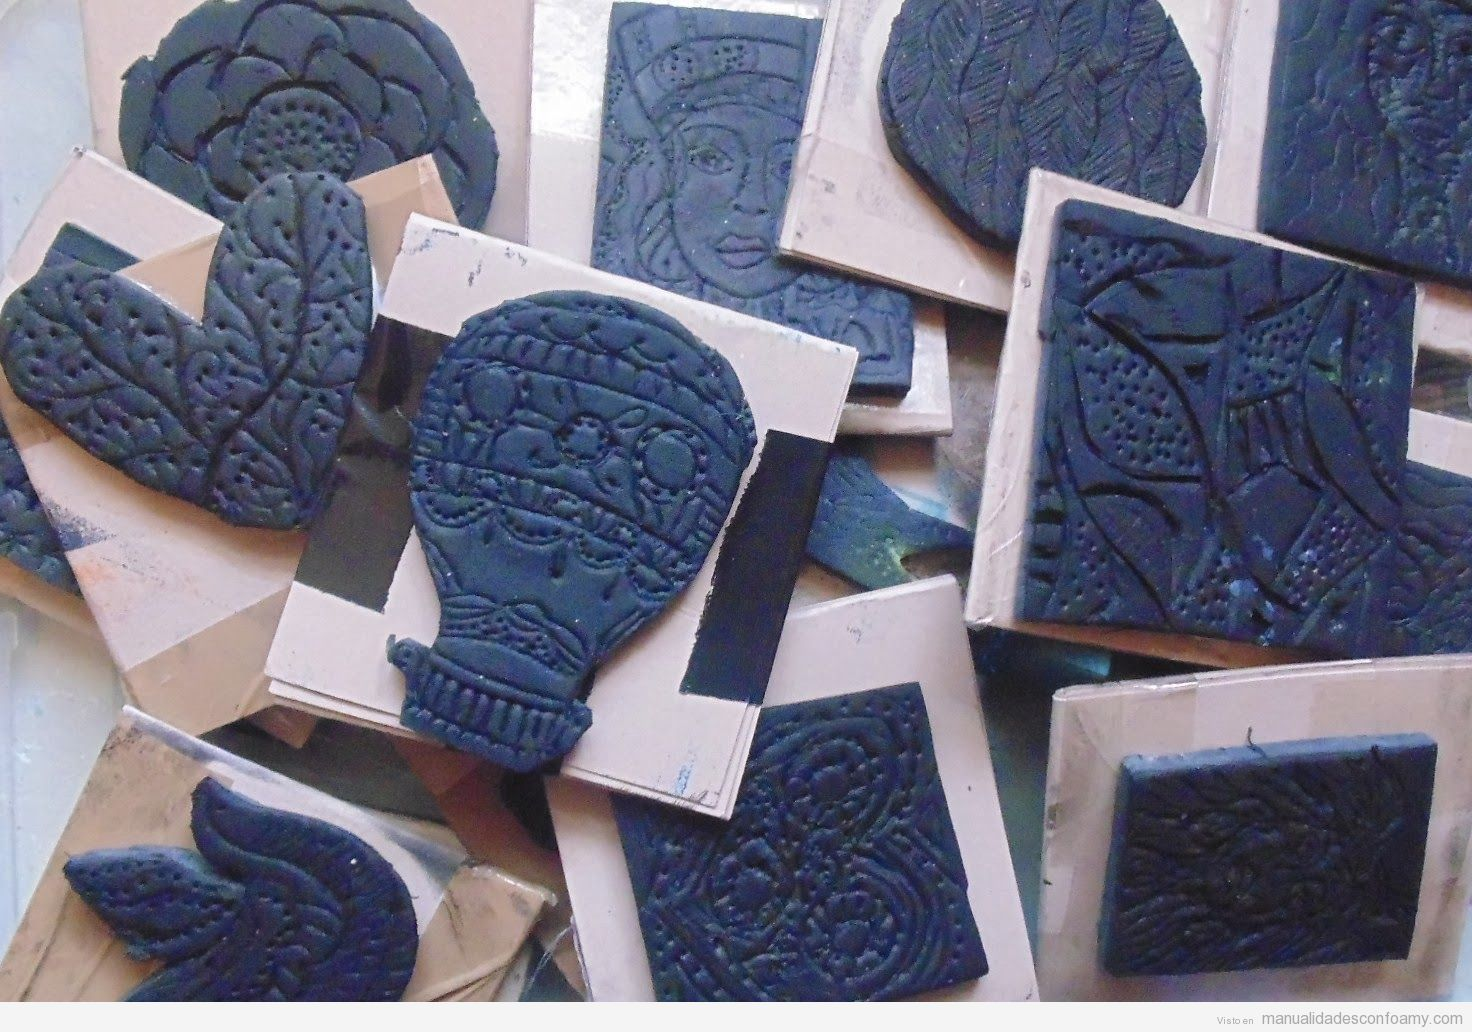 Sellos manualidades con foamy manualidades de goma eva for Como hacer sellos